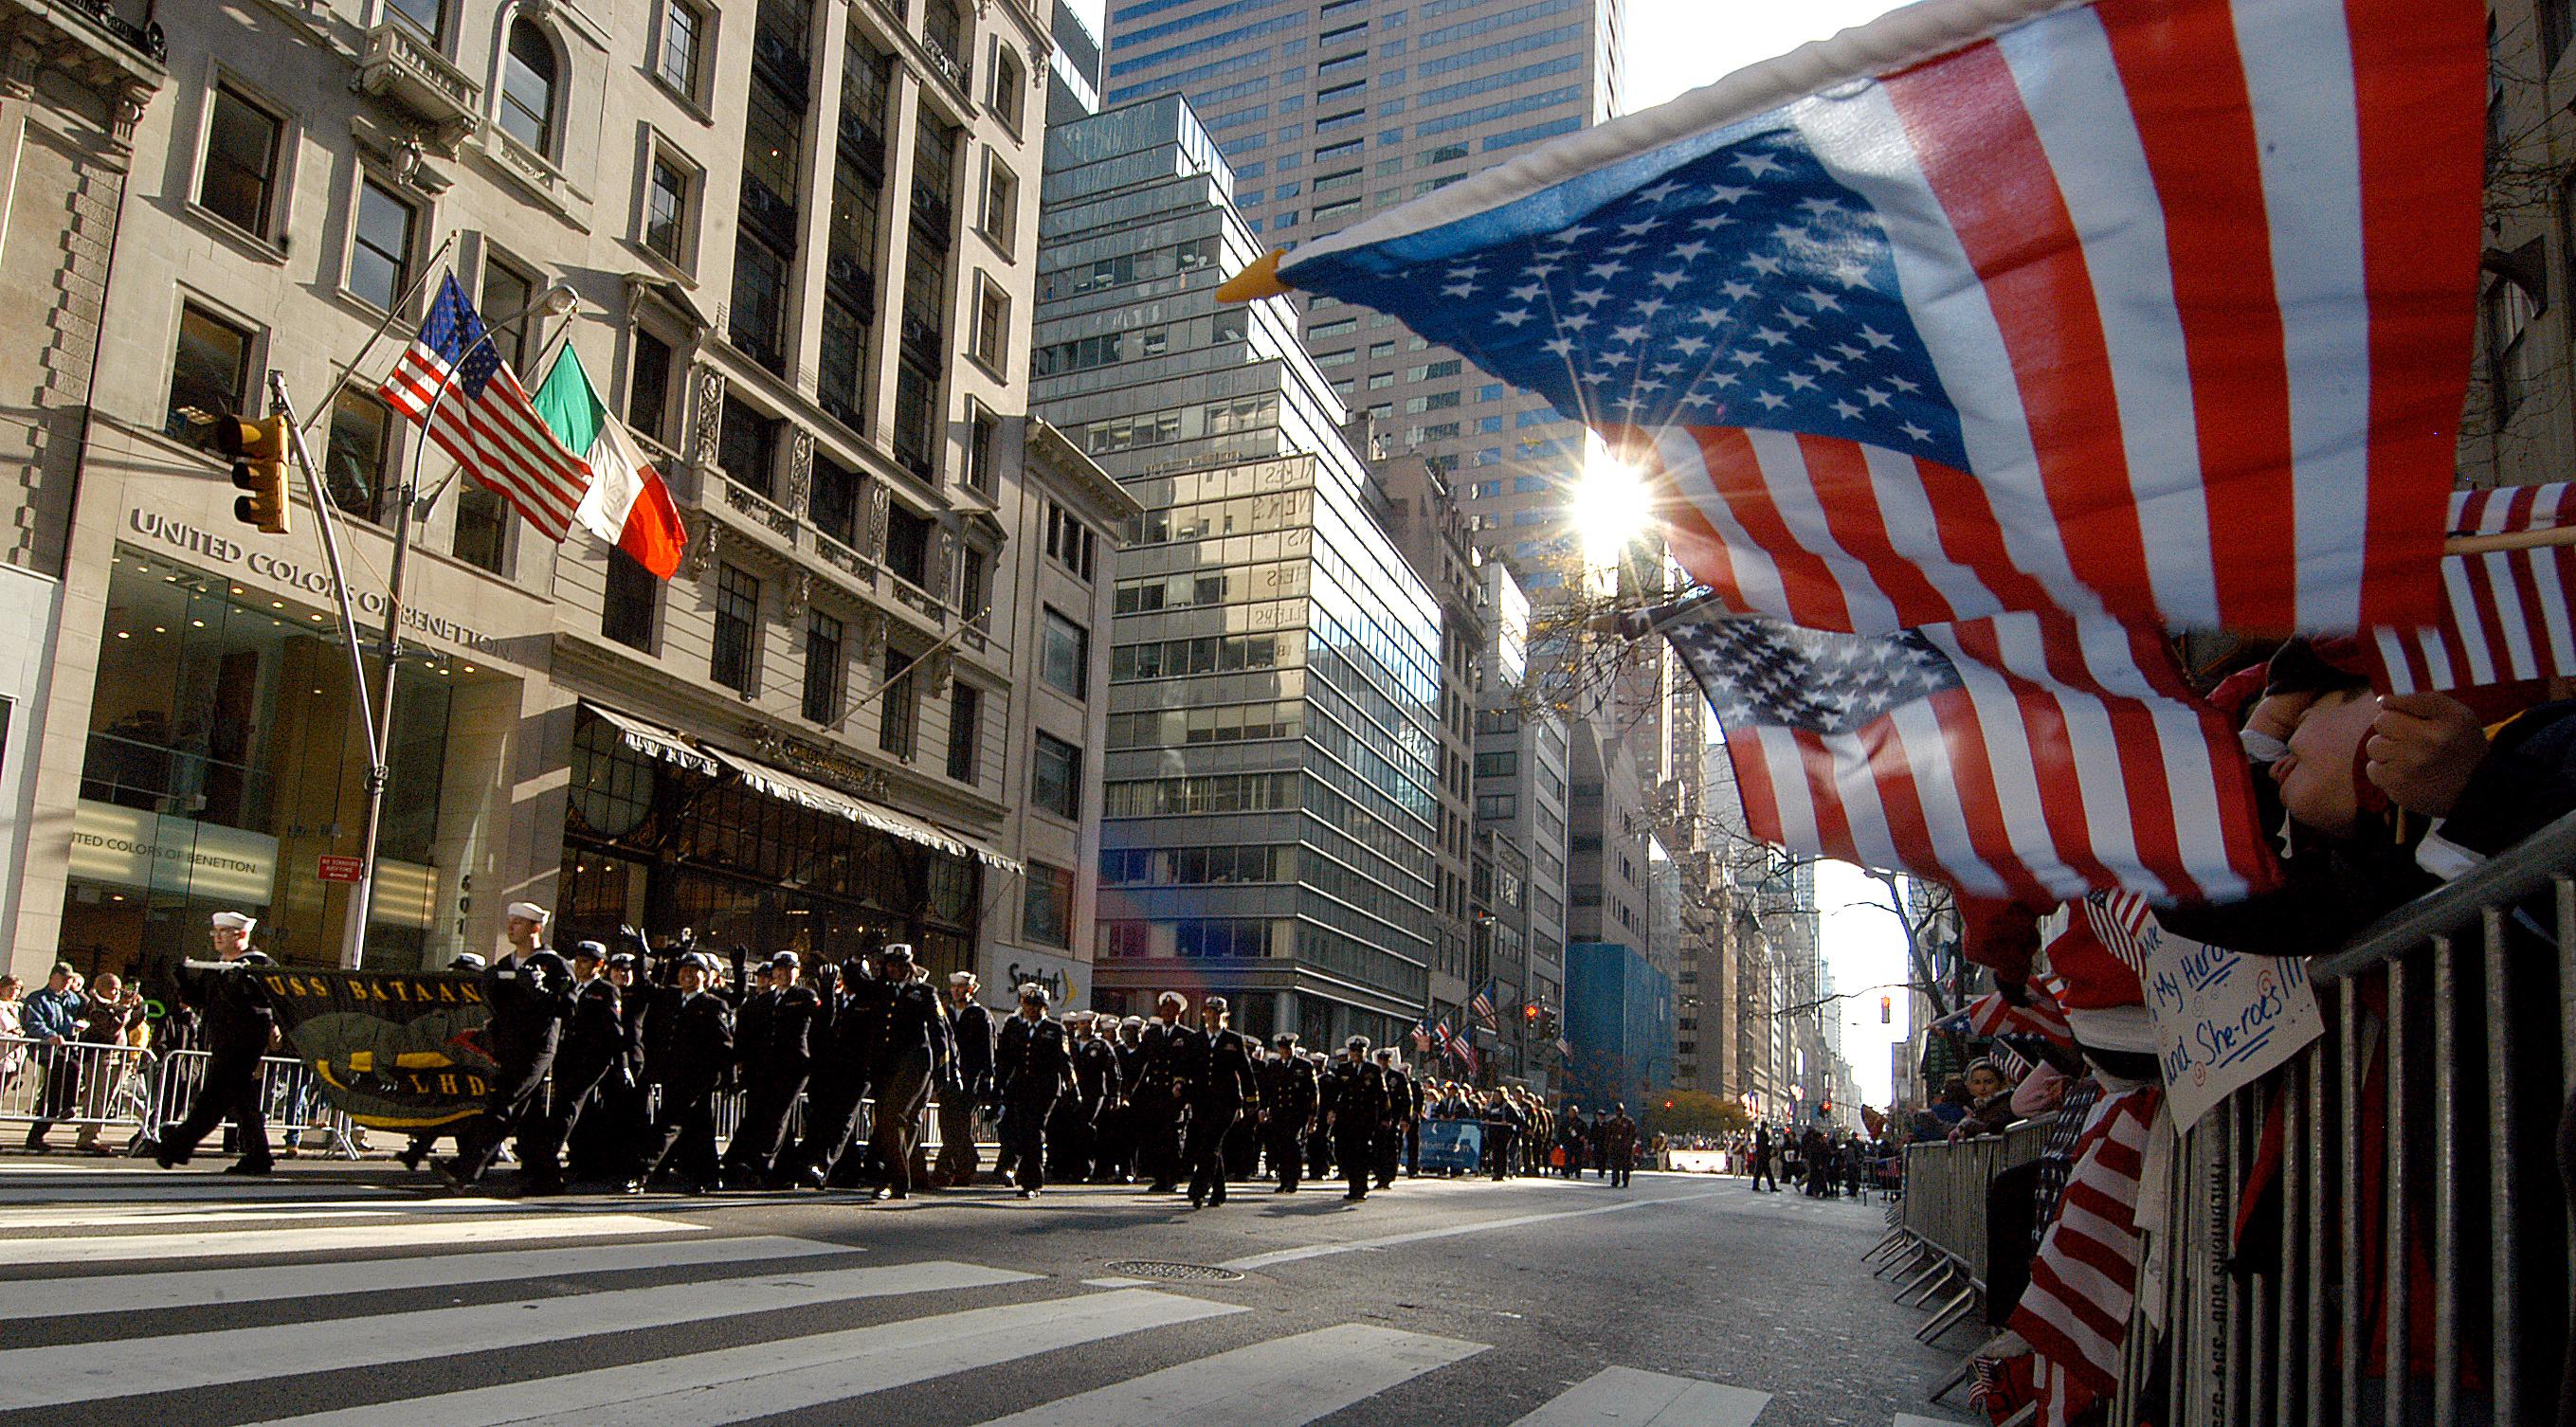 veterans day in nj